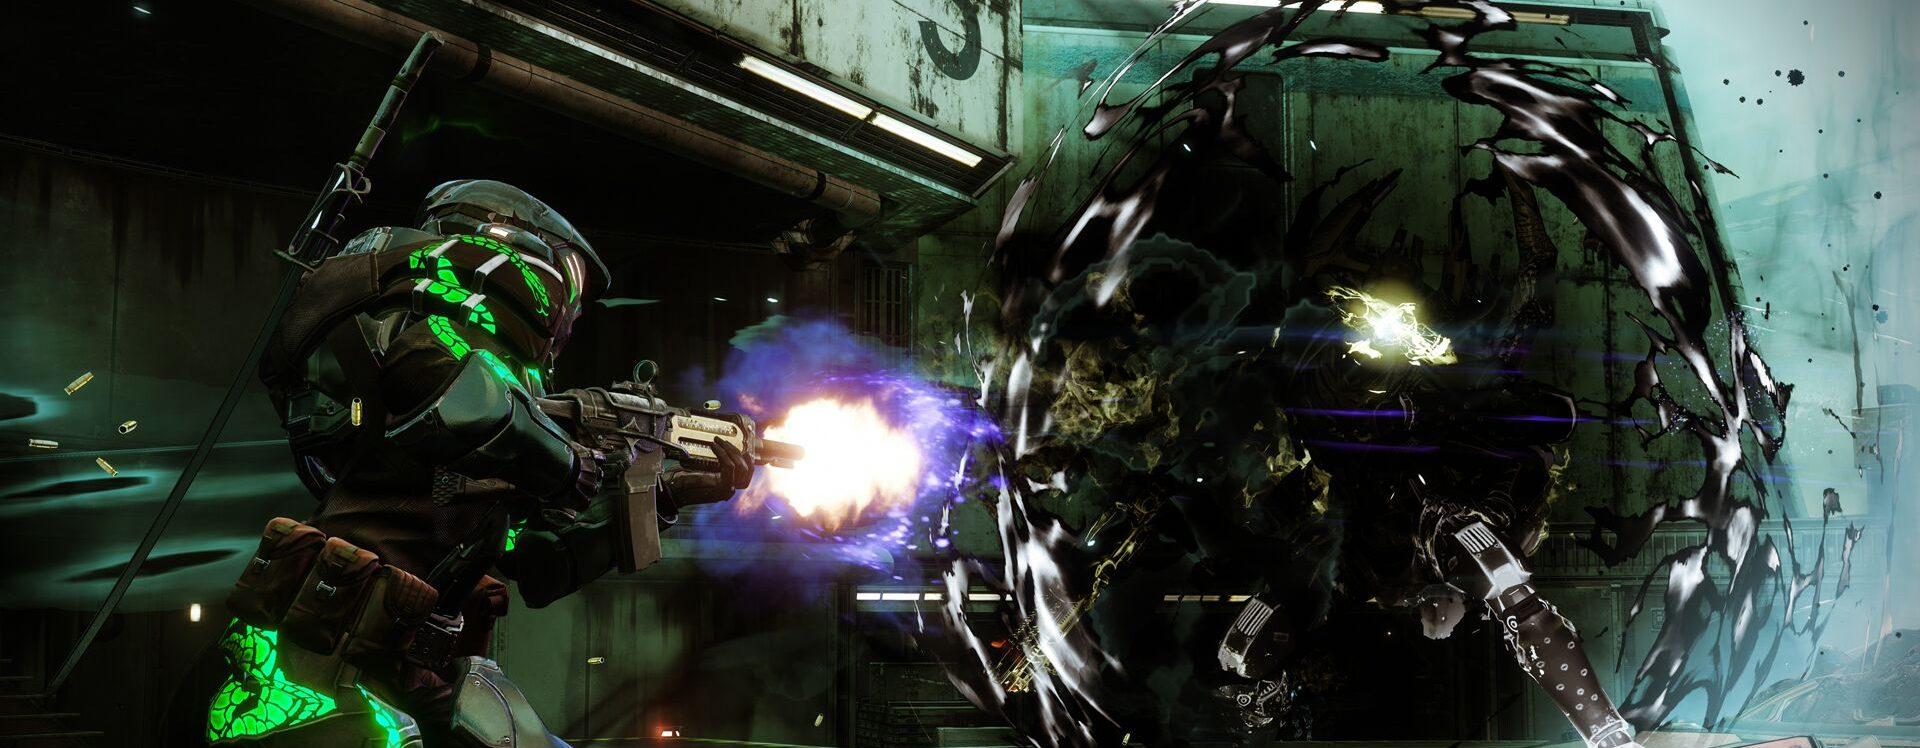 Destiny-2-Neues-Schwert-kommt-mit-exklusivem-Perk-Wie-gut-ist-es-